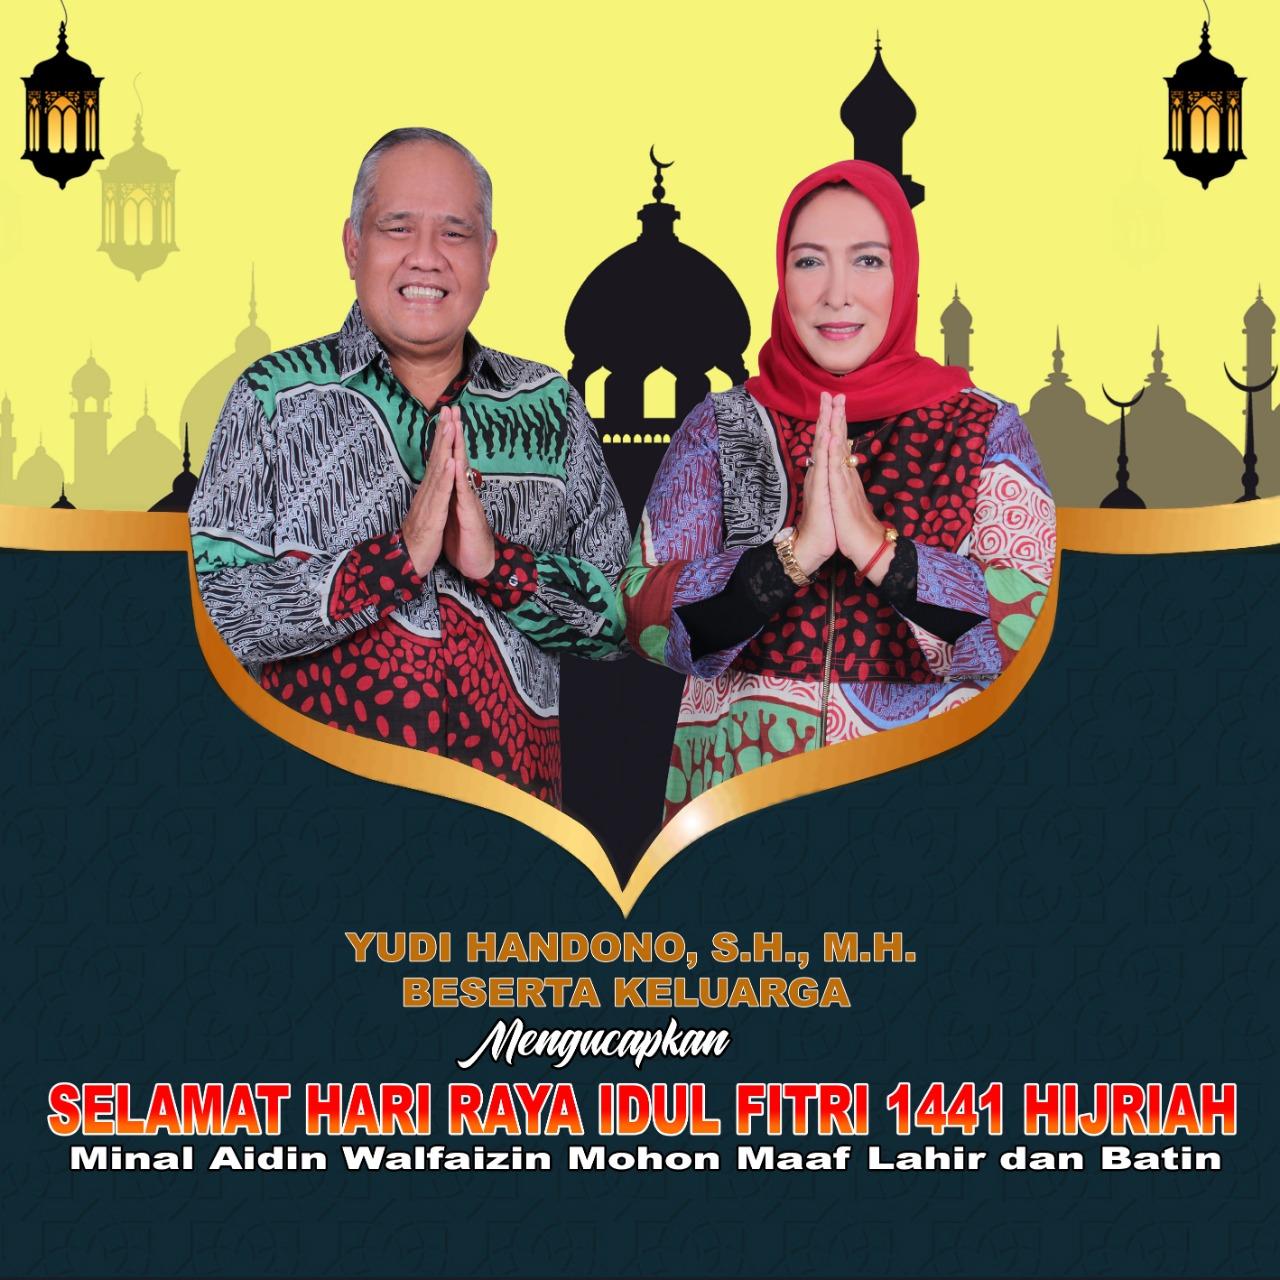 Ucapan Selamat Idul Fitri Kejati Maluku Yudi Handono